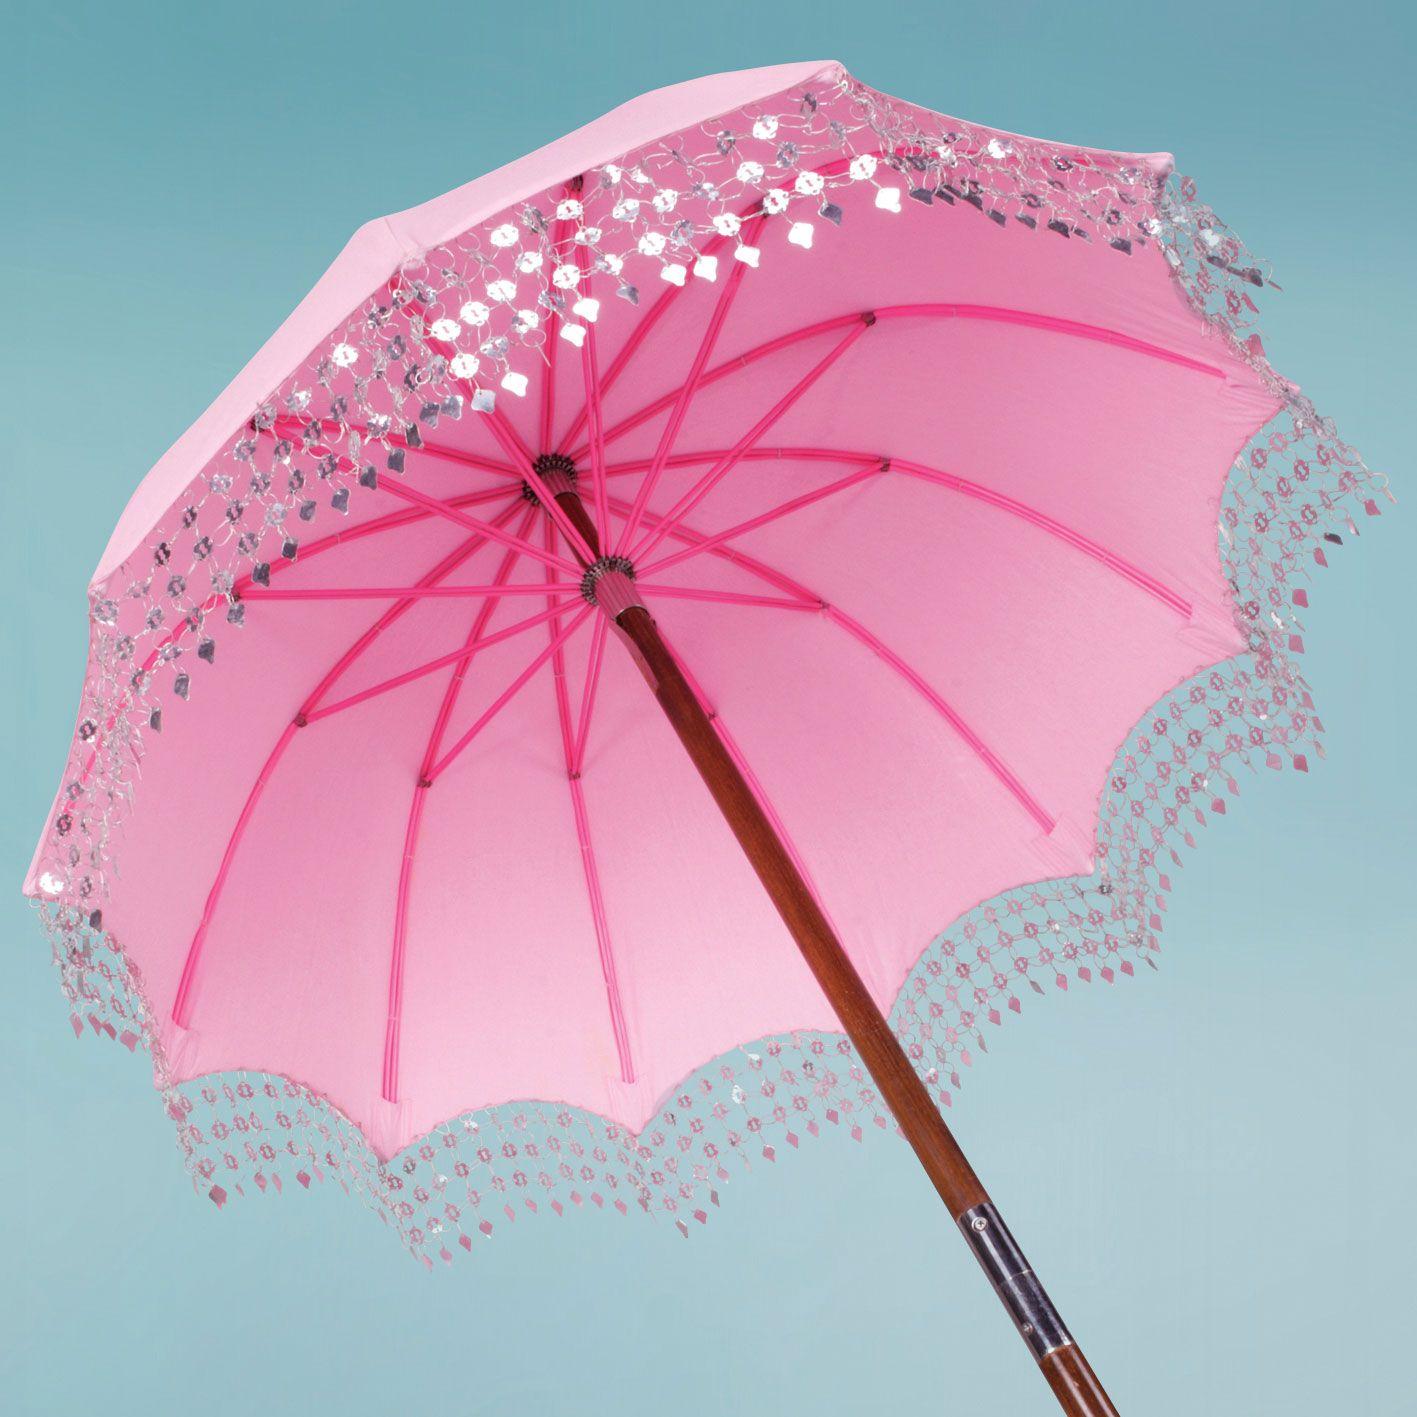 семян смотреть картинки зонтики розовые котики знающая